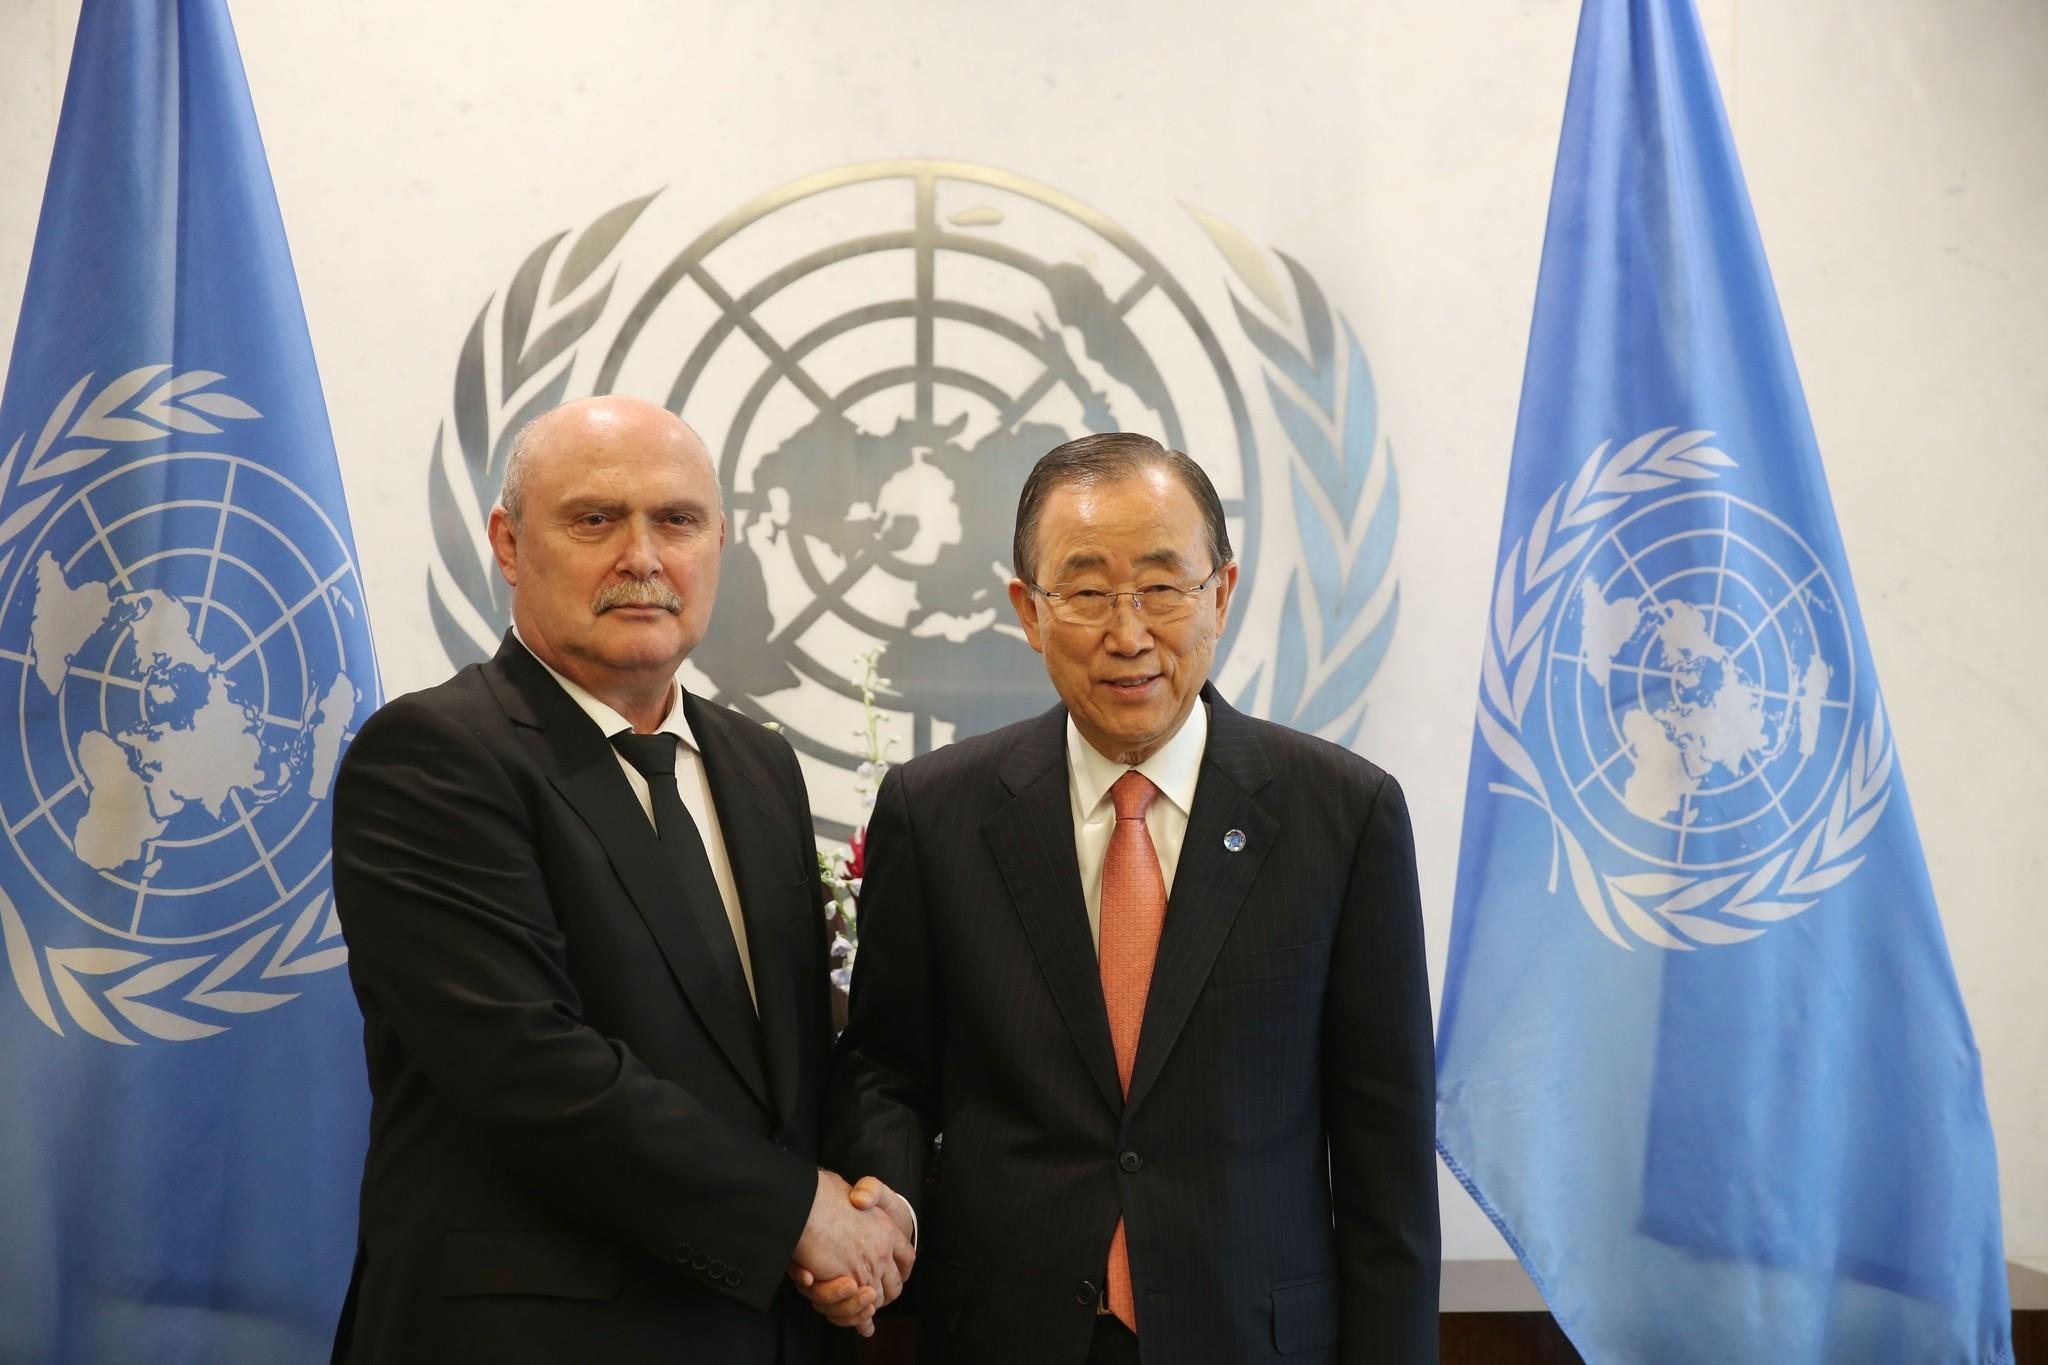 Feridun Sinirliou011flu (L) and Ban Ki-moon